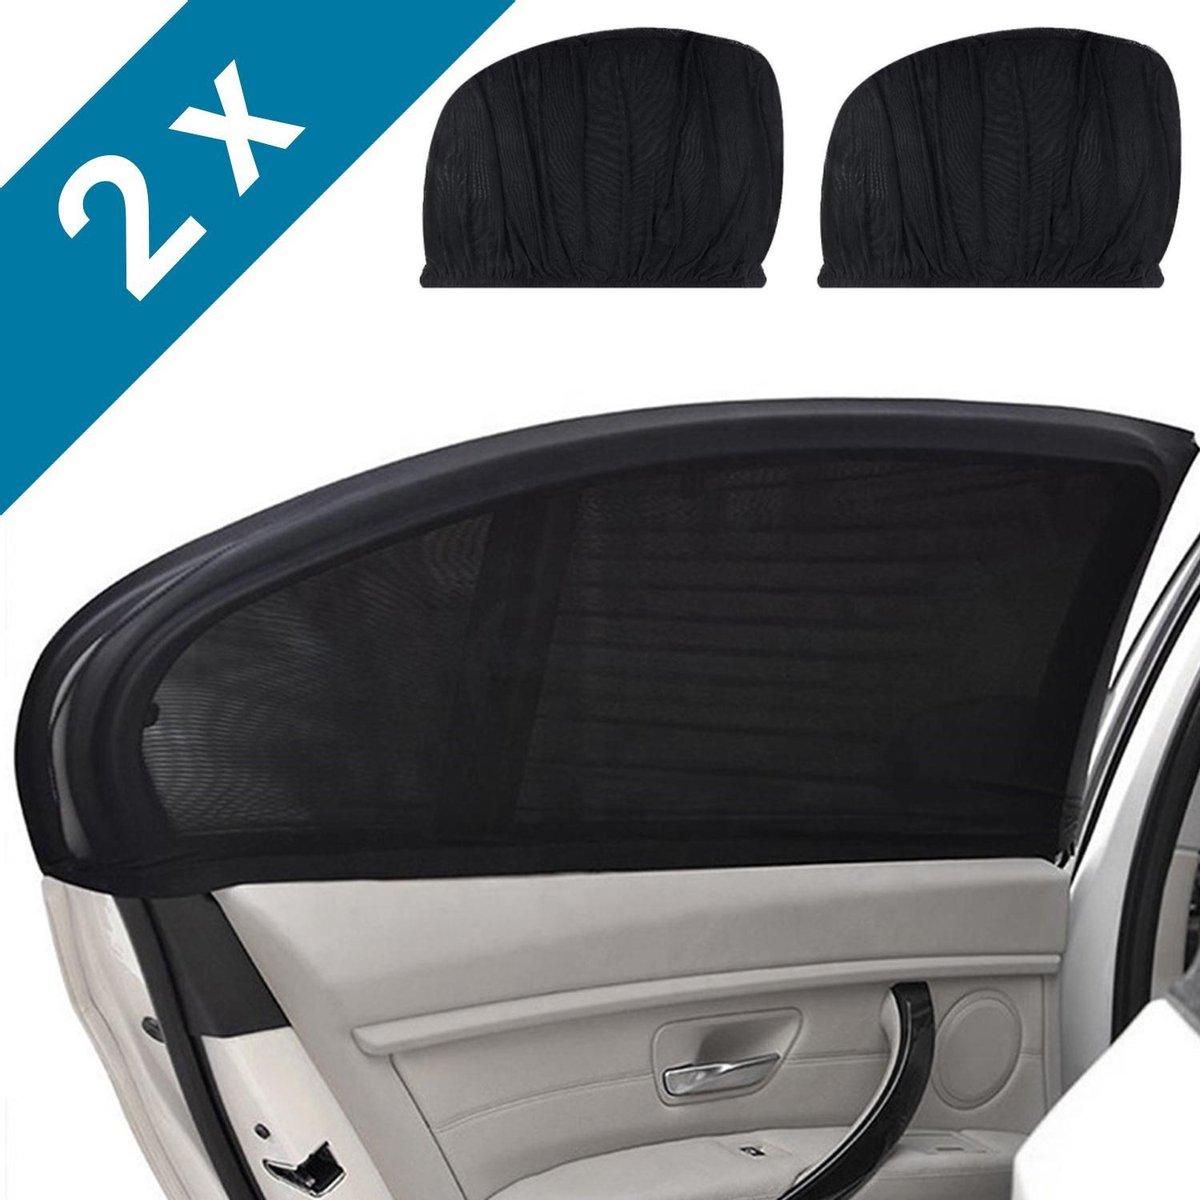 Luxe zonneschermen auto - SHADE PRO V1 - UV protectie bescherming - 2 stuks